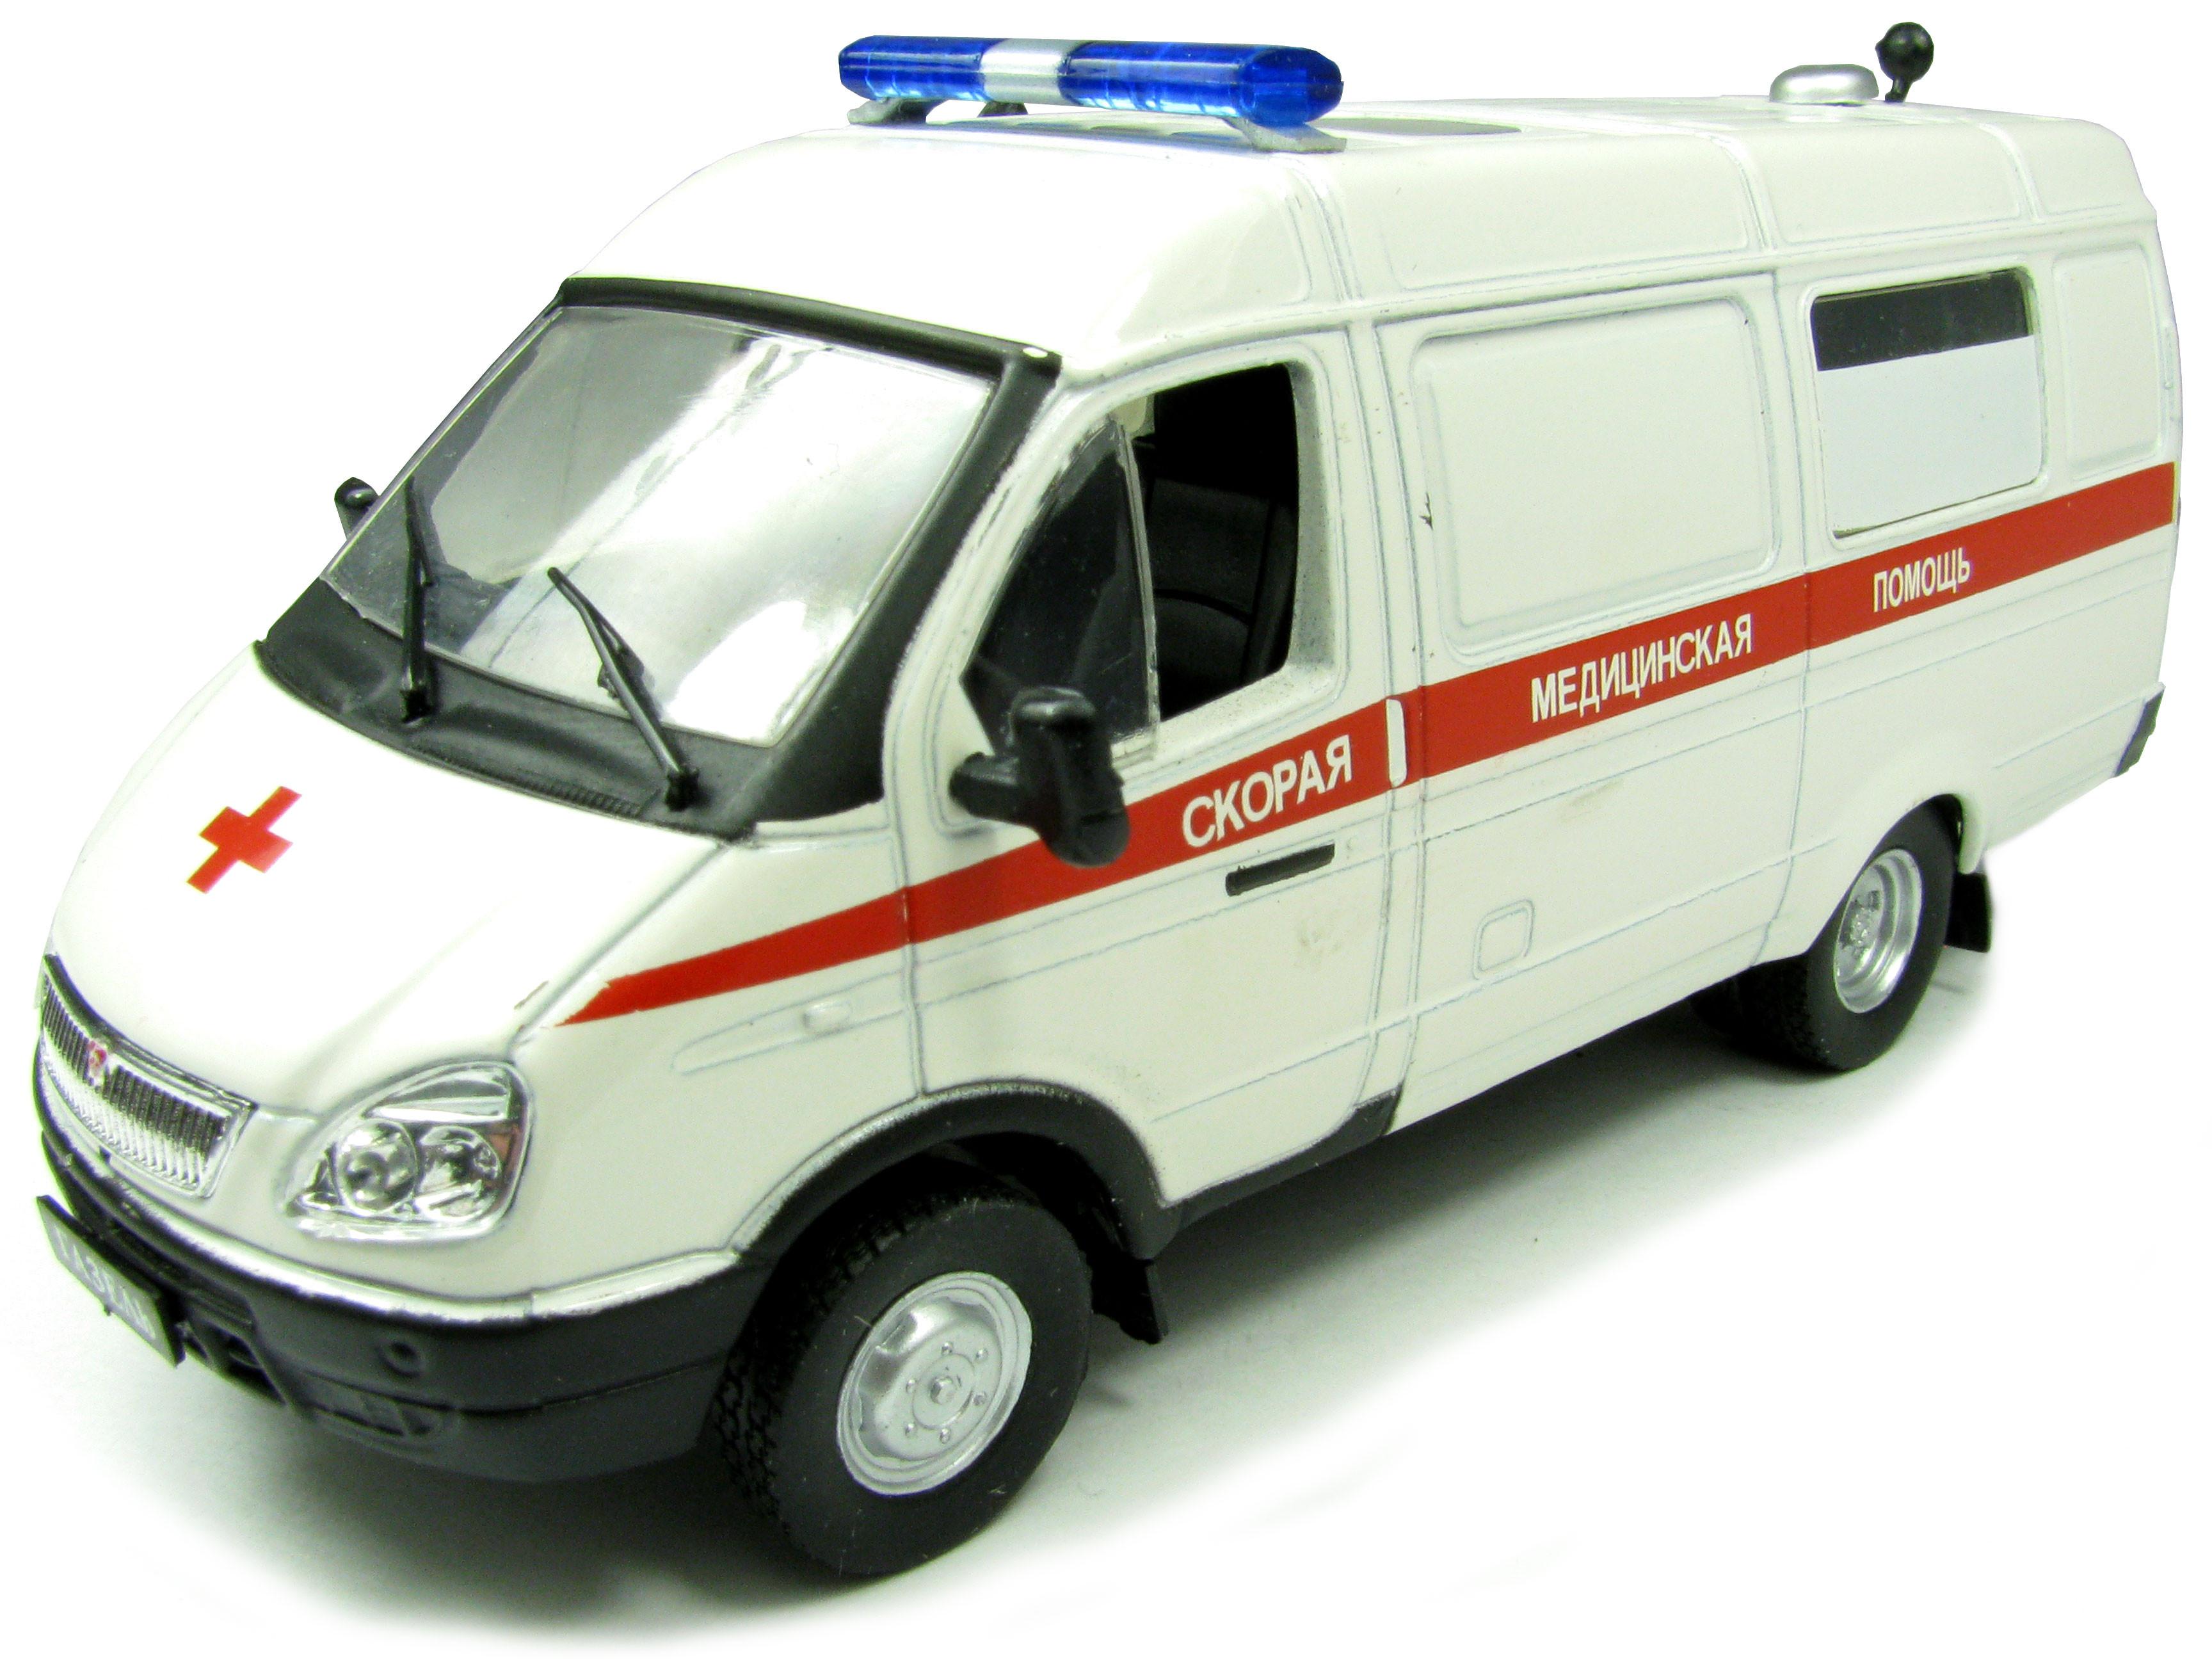 Lendas Russas Ambulância GAZ 32214 GAXEL #22 1:43 IXO